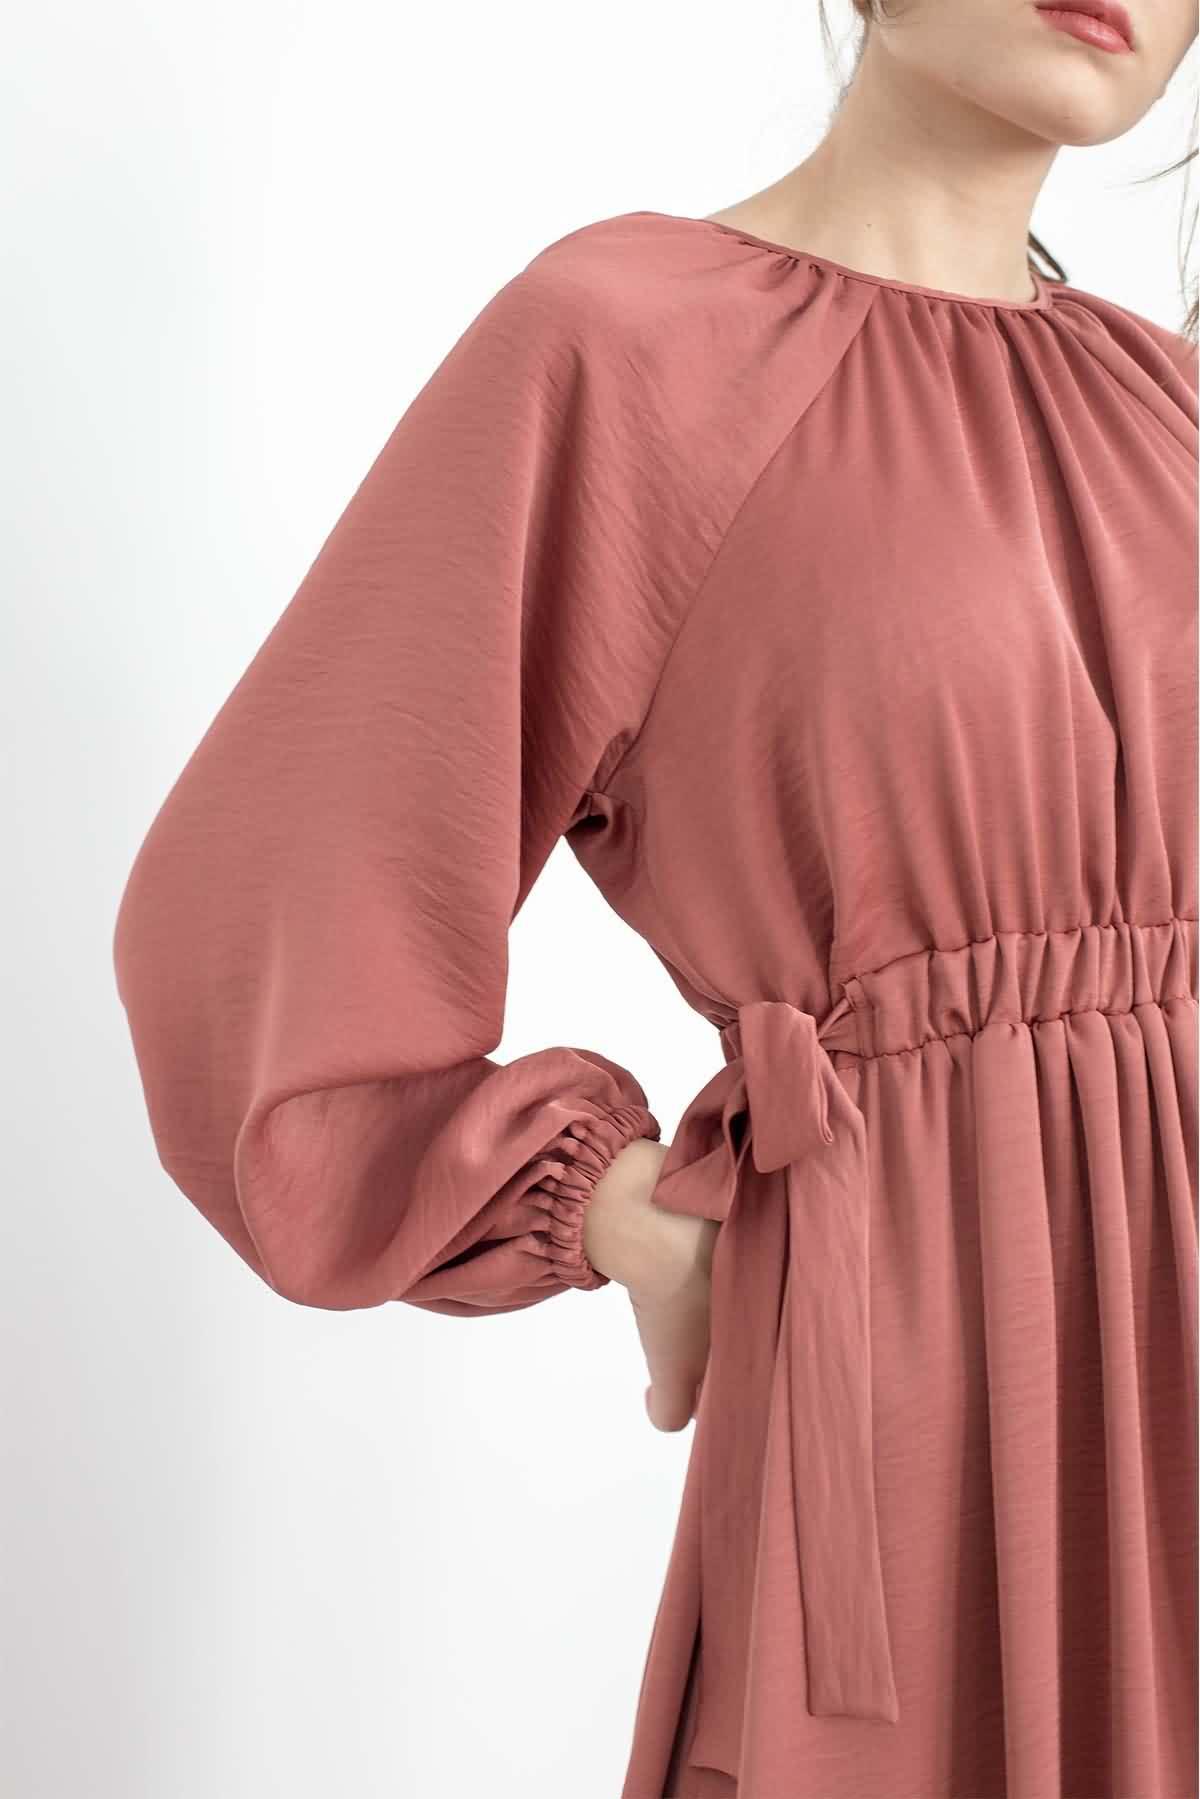 Mevra - Kuşaklı Elbise Gülkurusu